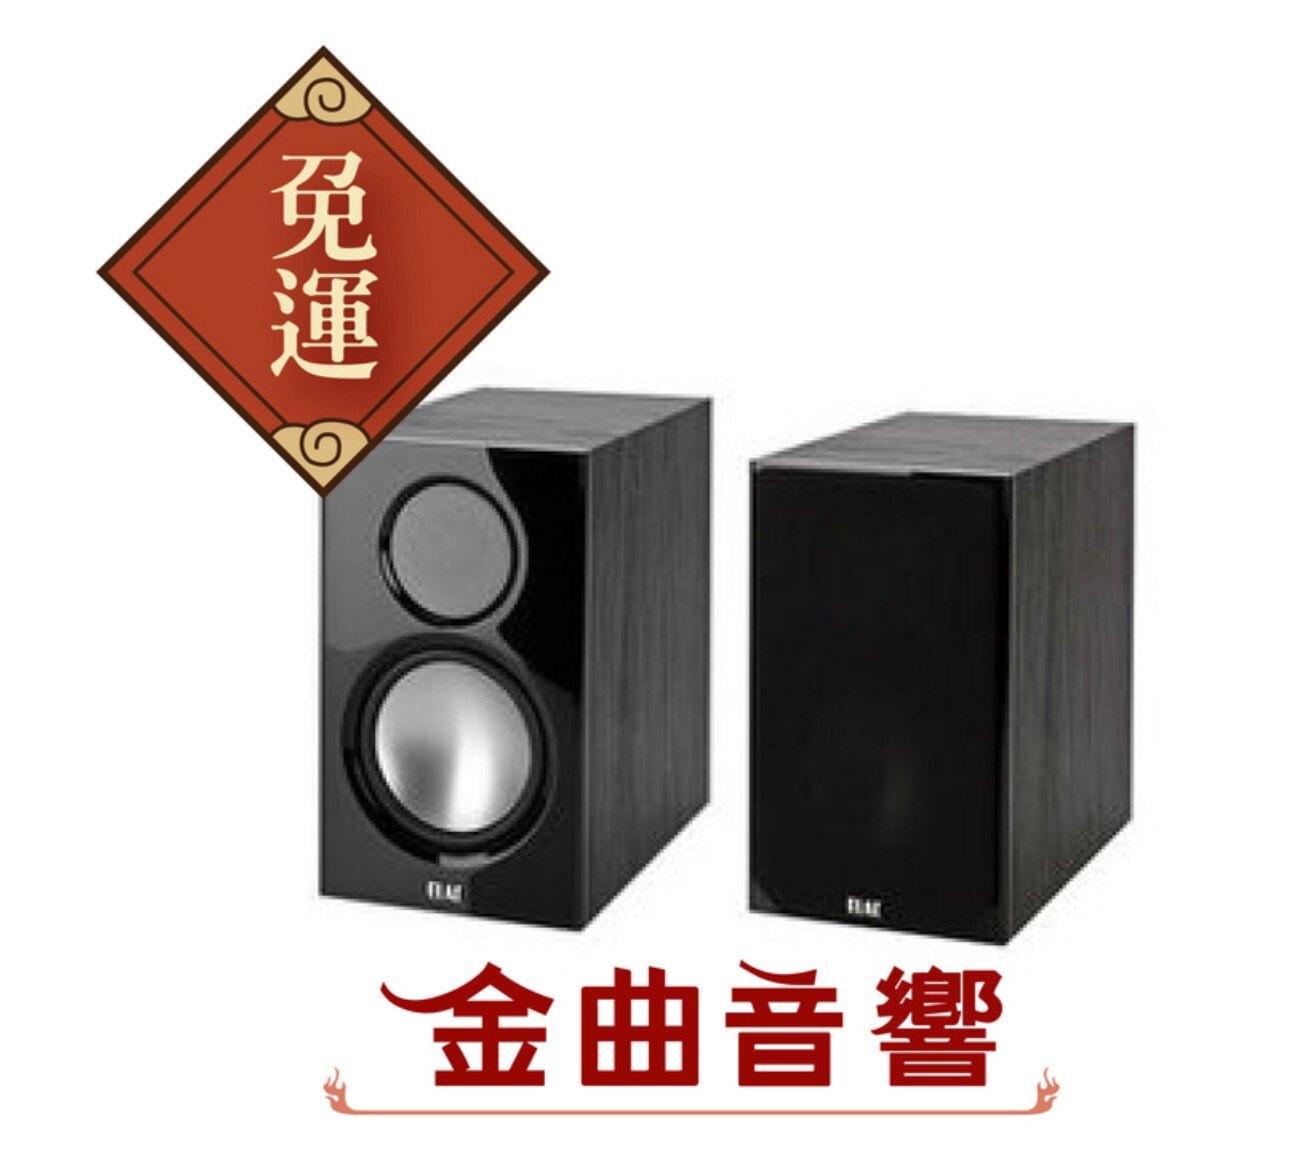 【金曲音響】ELAC BS 62.2 霧黑木紋書架式喇叭